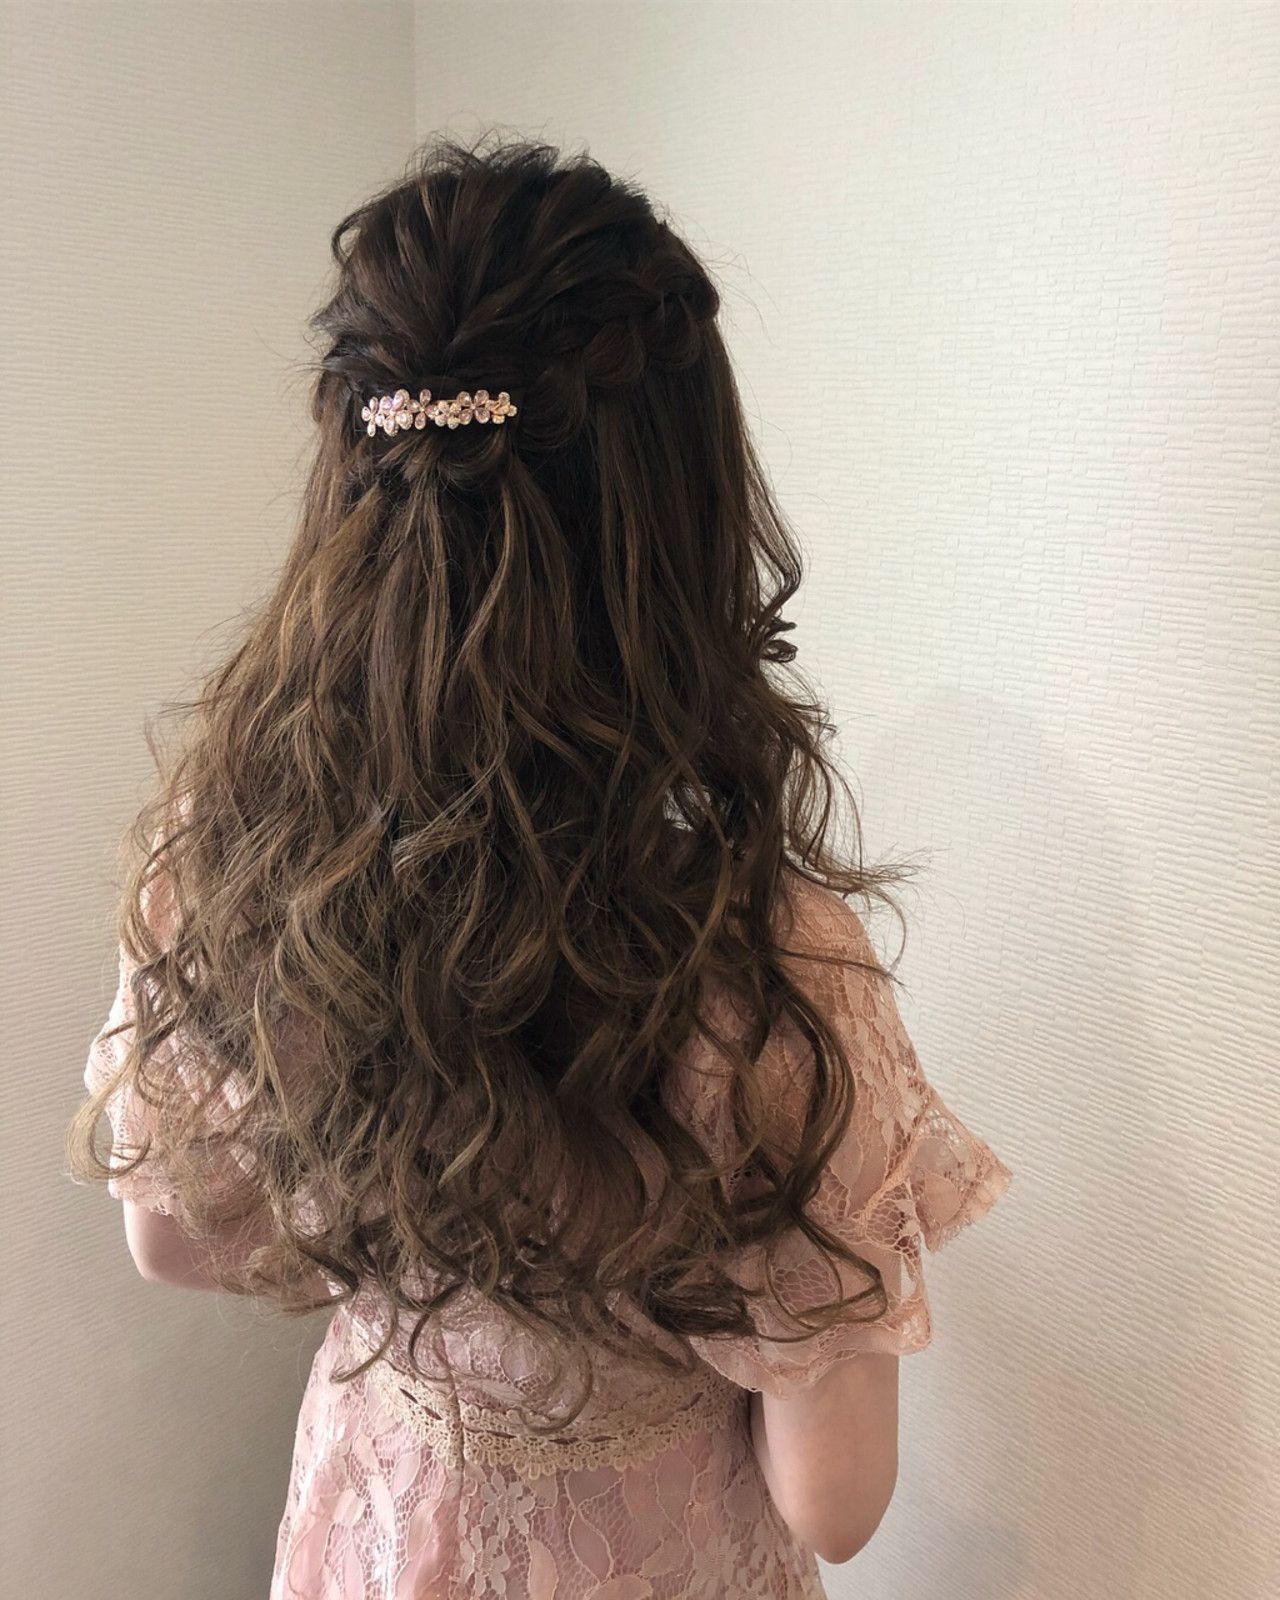 バレッタのヘアアレンジでオフィスやデートも簡単可愛くアプデ♡【HAIR】